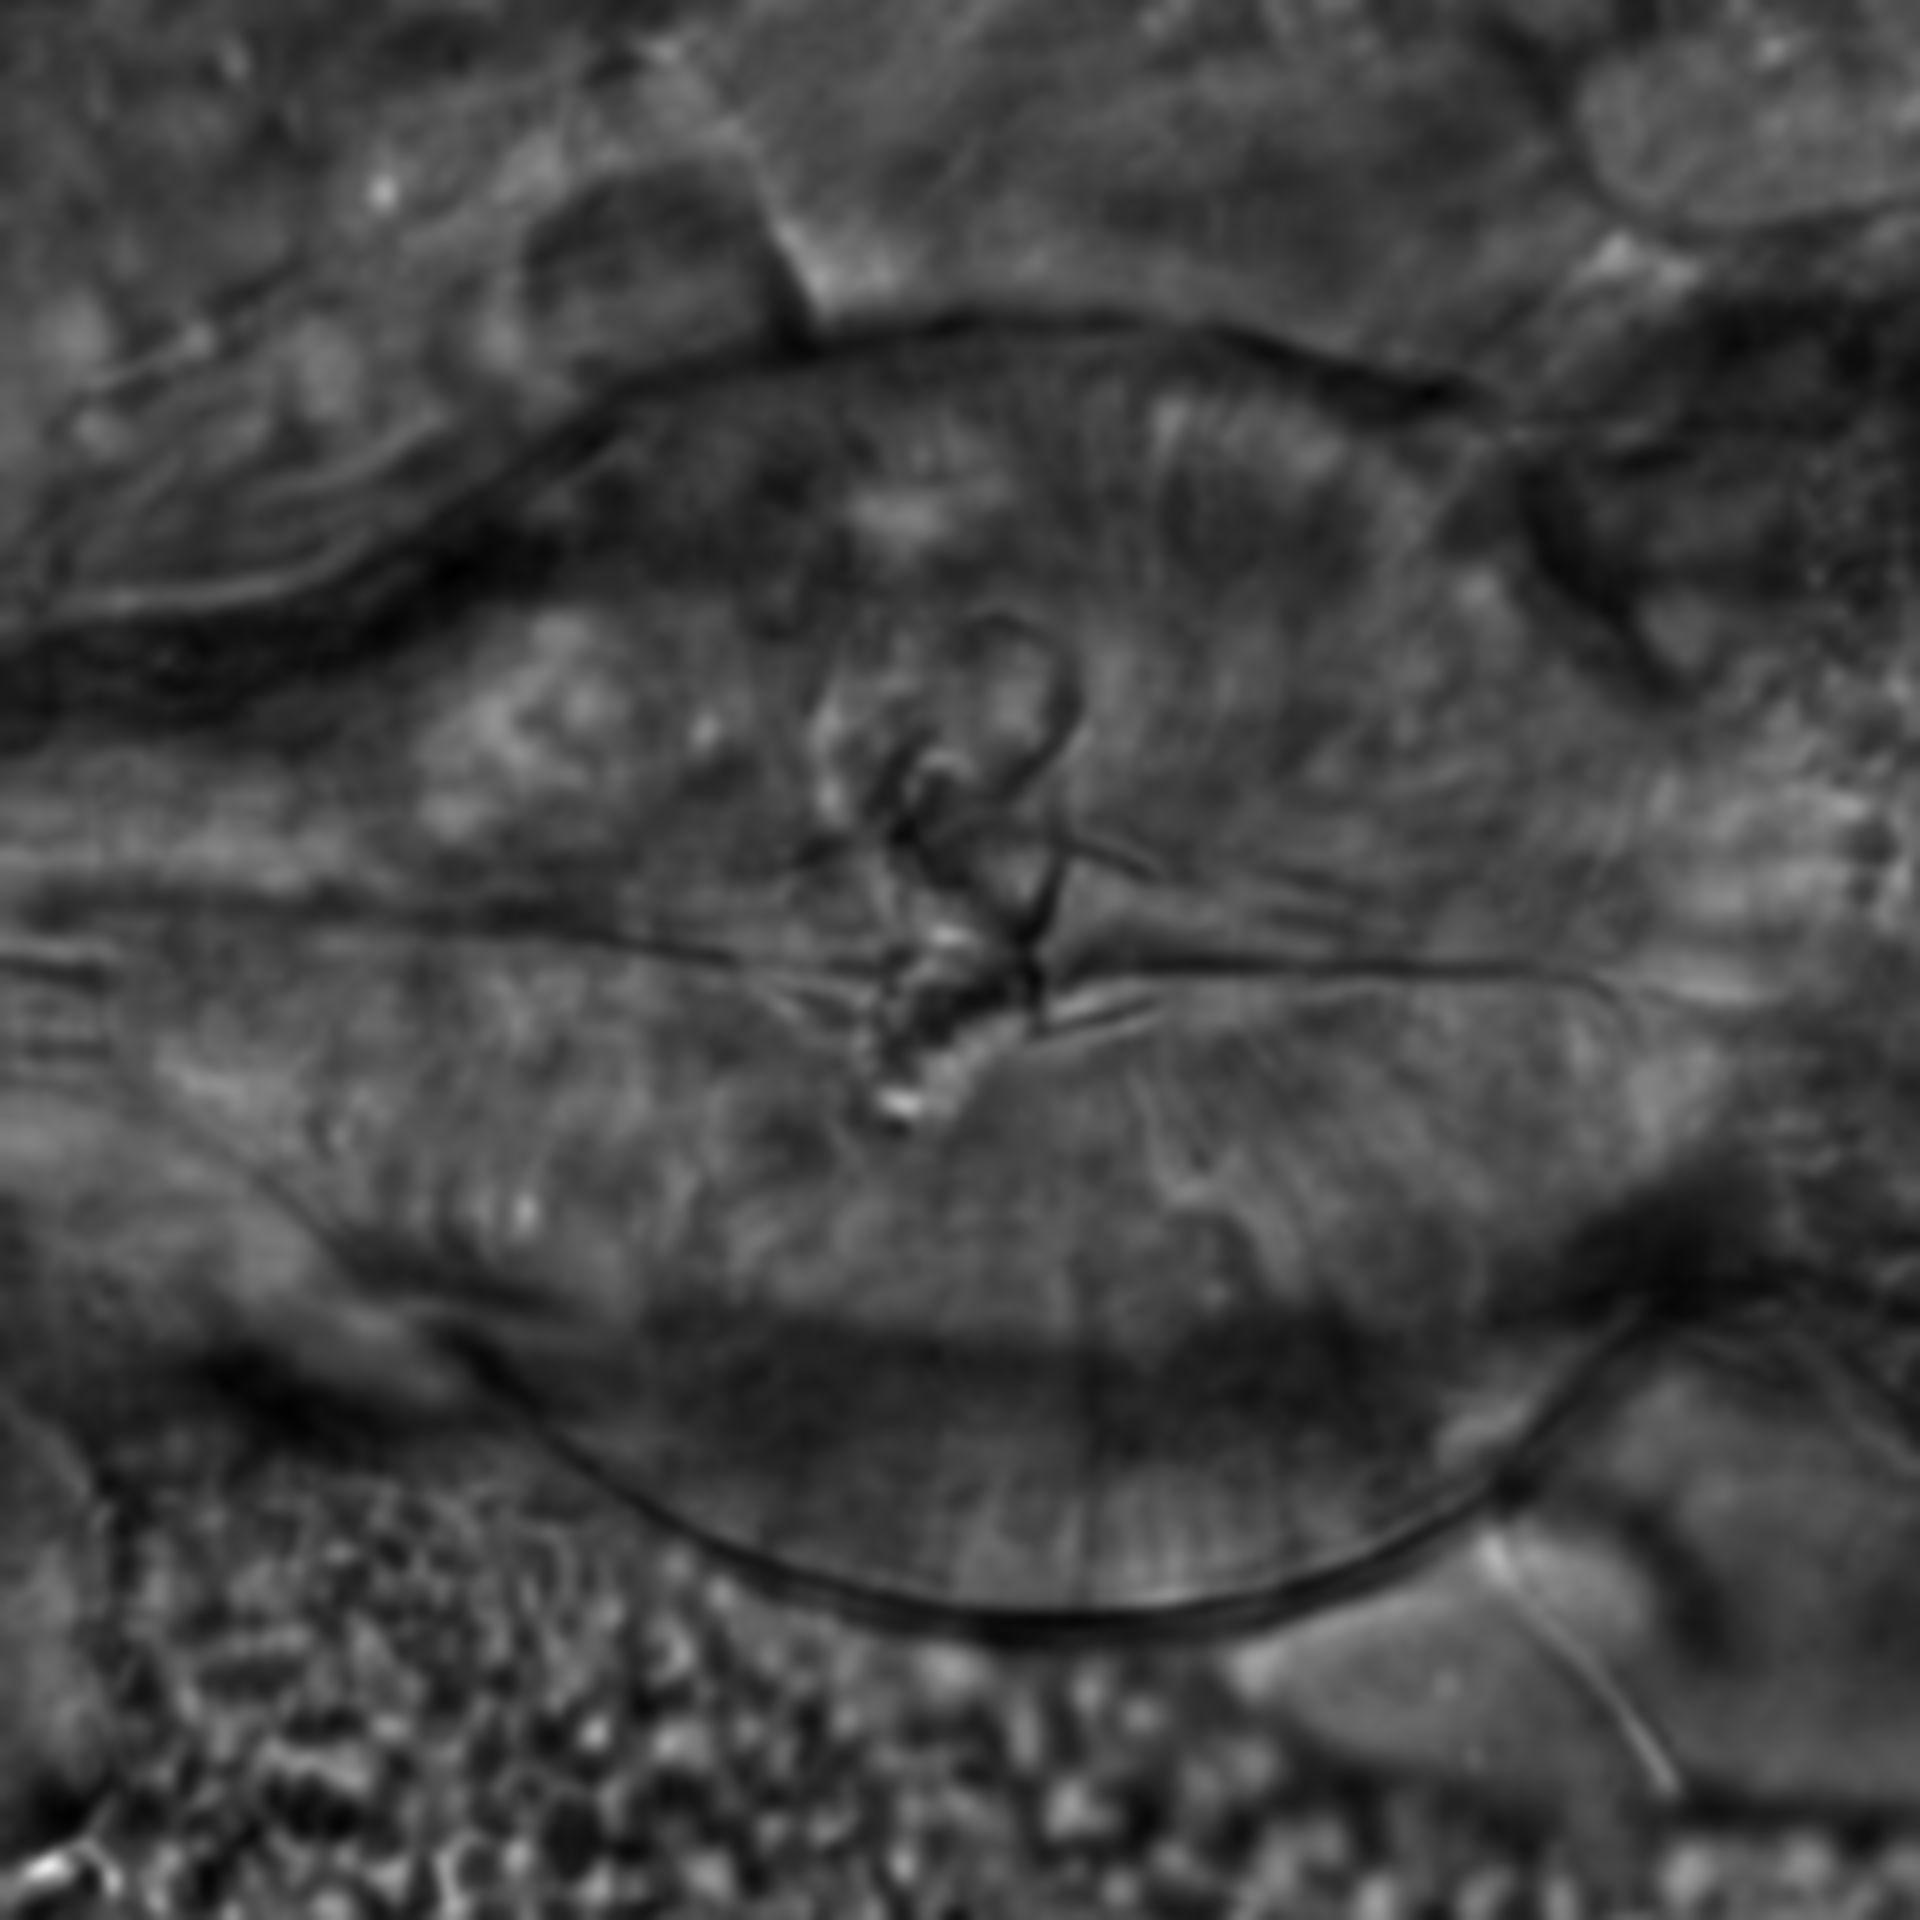 Caenorhabditis elegans - CIL:2188